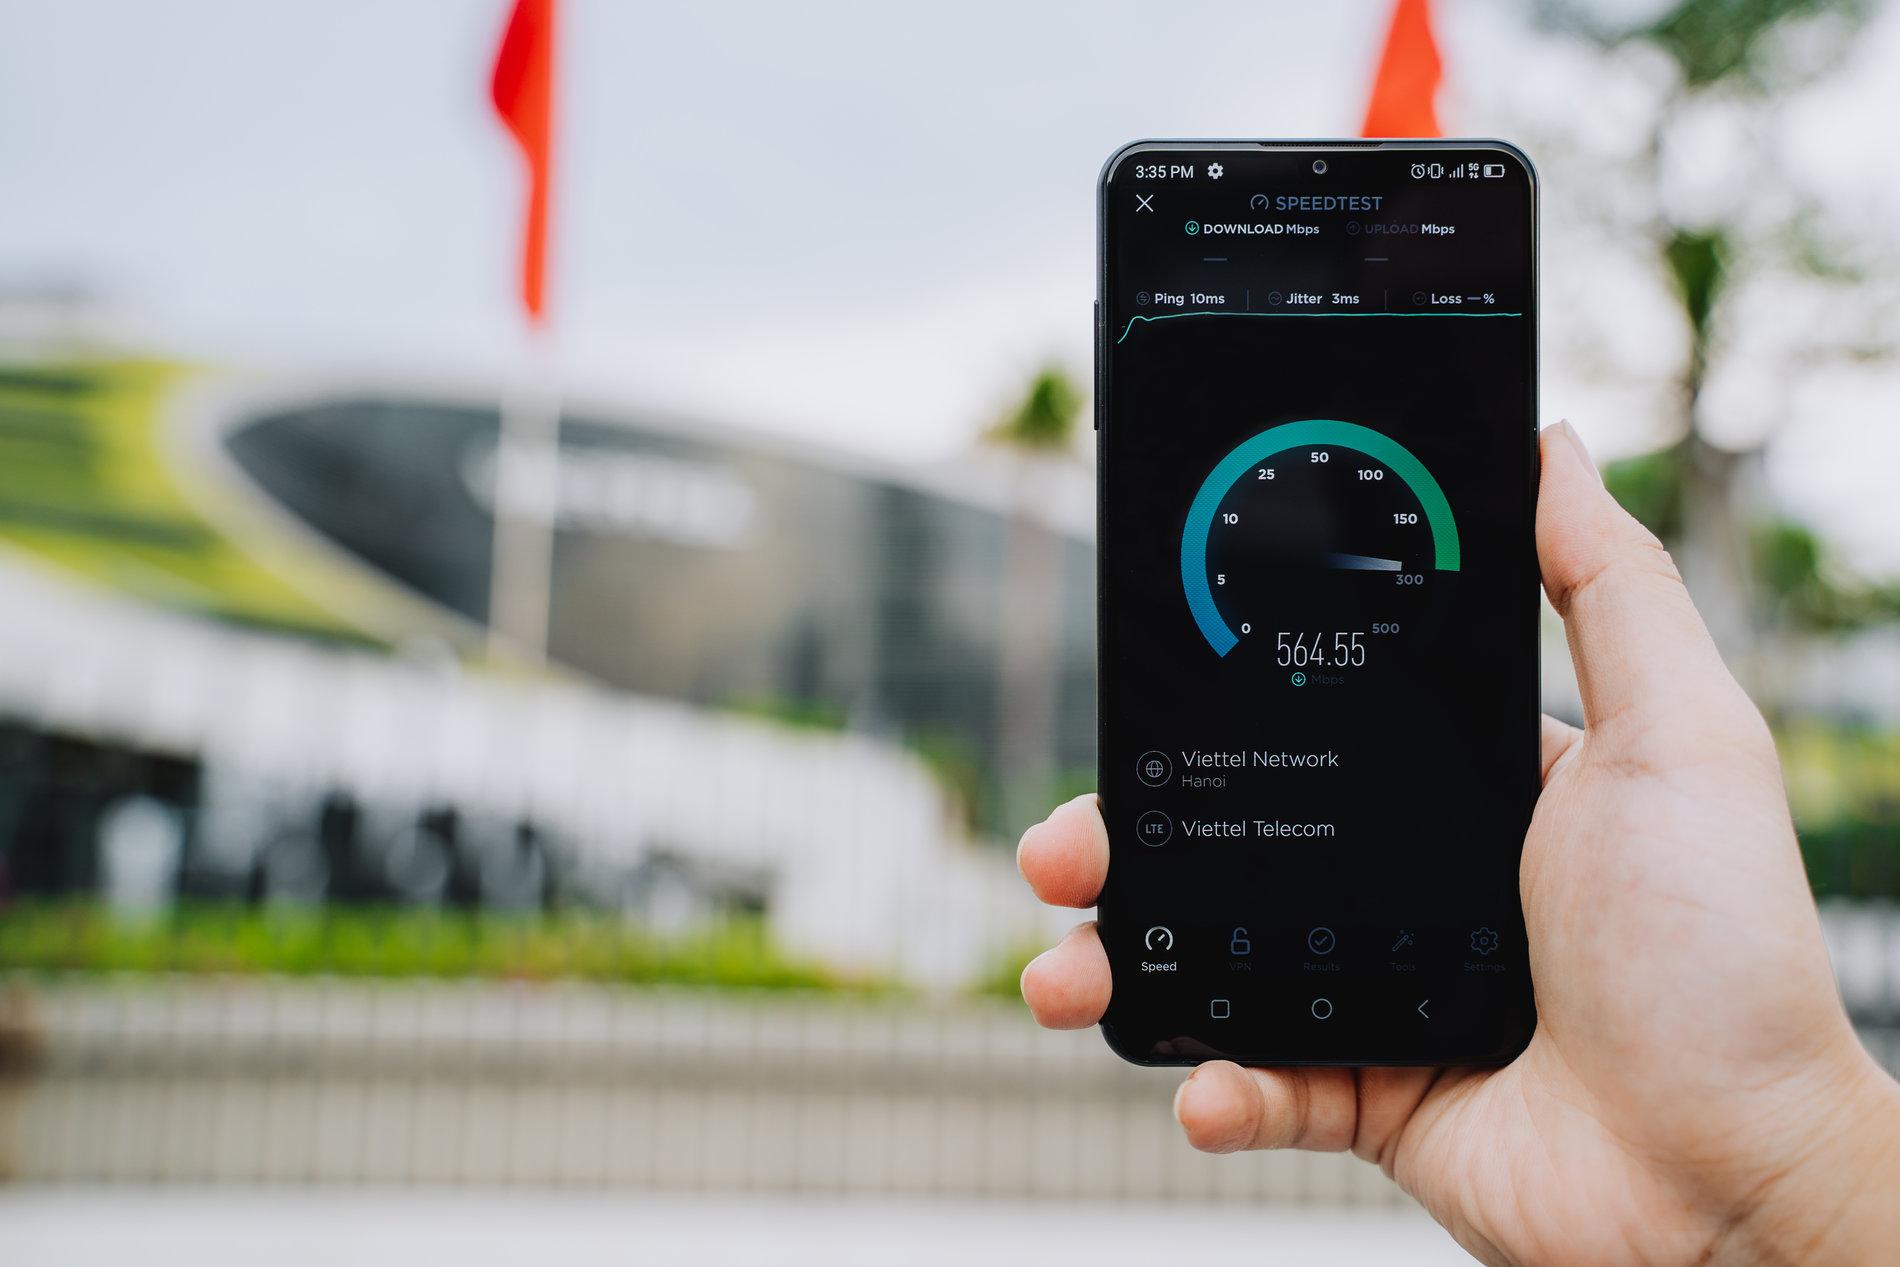 VinSmart phát triển thành công điện thoại 5G tích hợp giải pháp bảo mật sử dụng công nghệ điện toán lượng tử  - ảnh 1